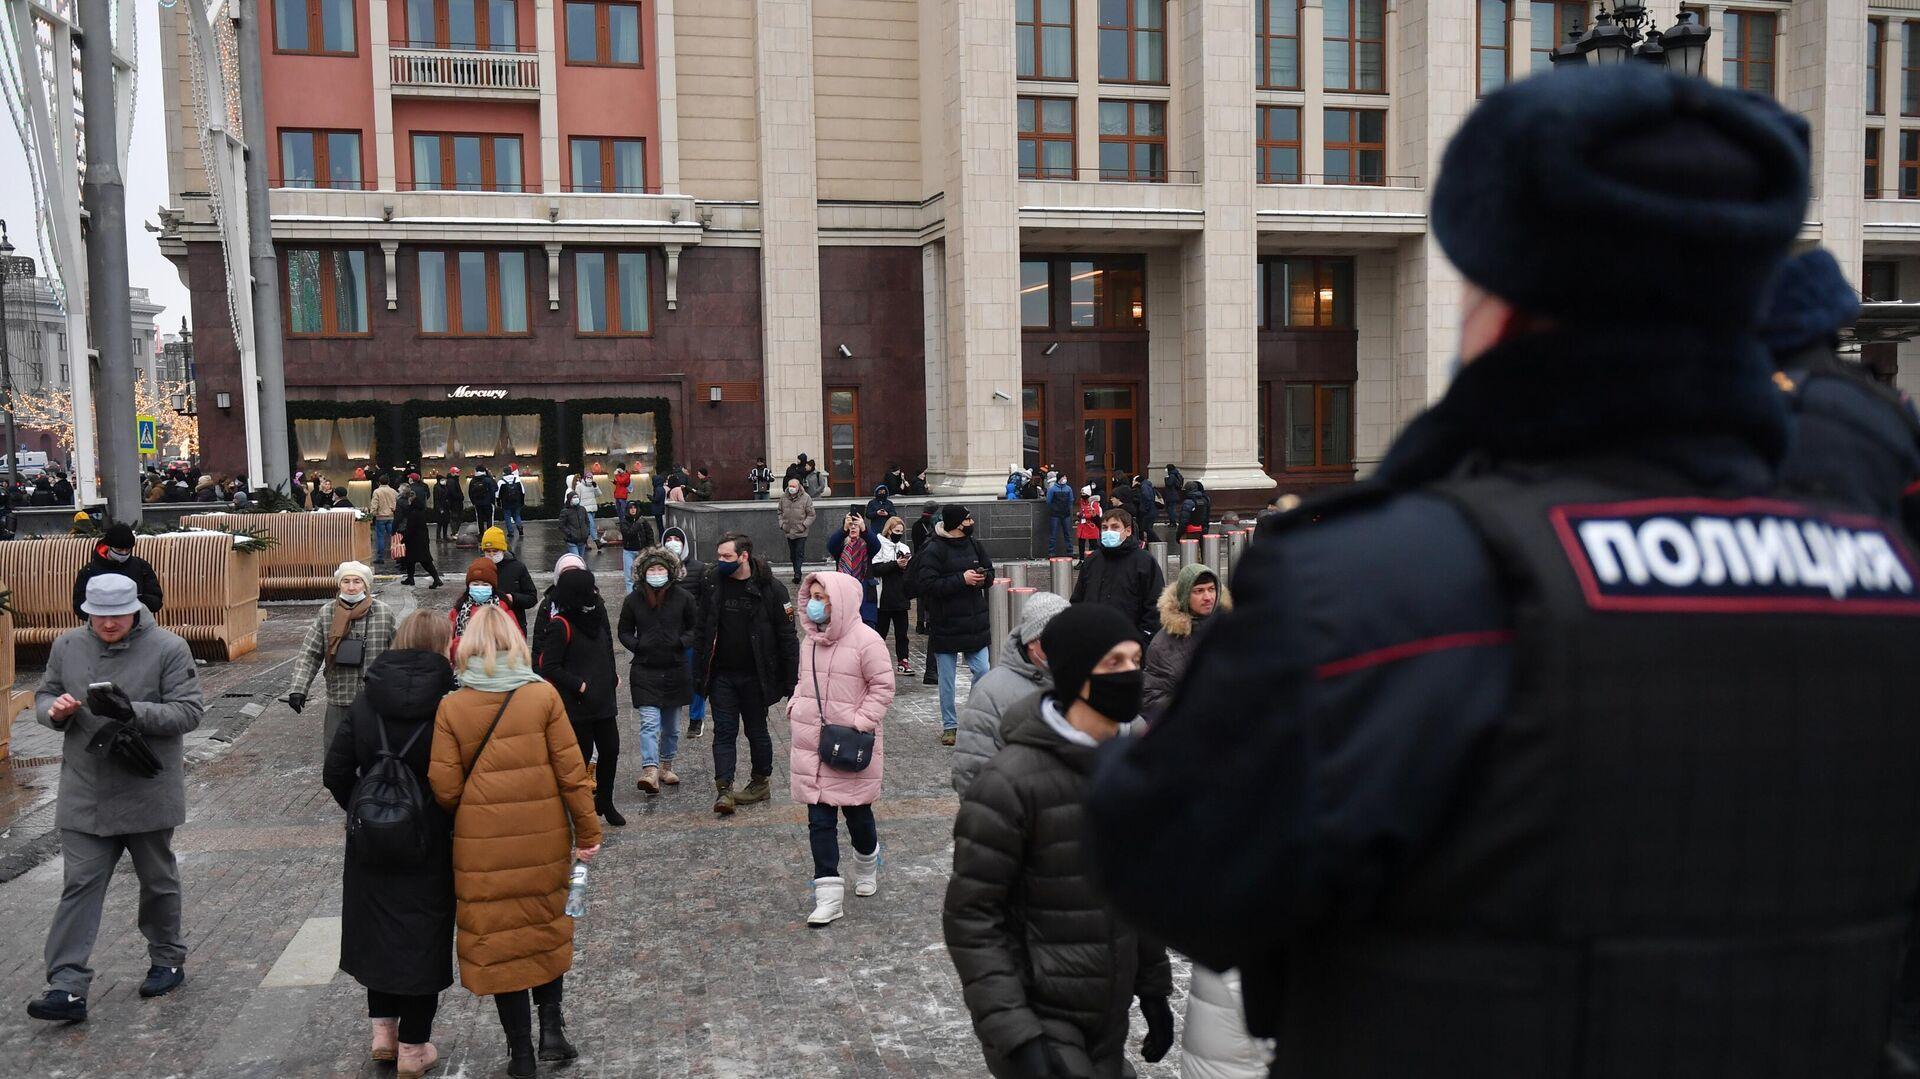 Сотрудник полиции и люди на Манежной площади в Москве во время несанкционированной акции сторонников Алексея Навального - РИА Новости, 1920, 23.01.2021